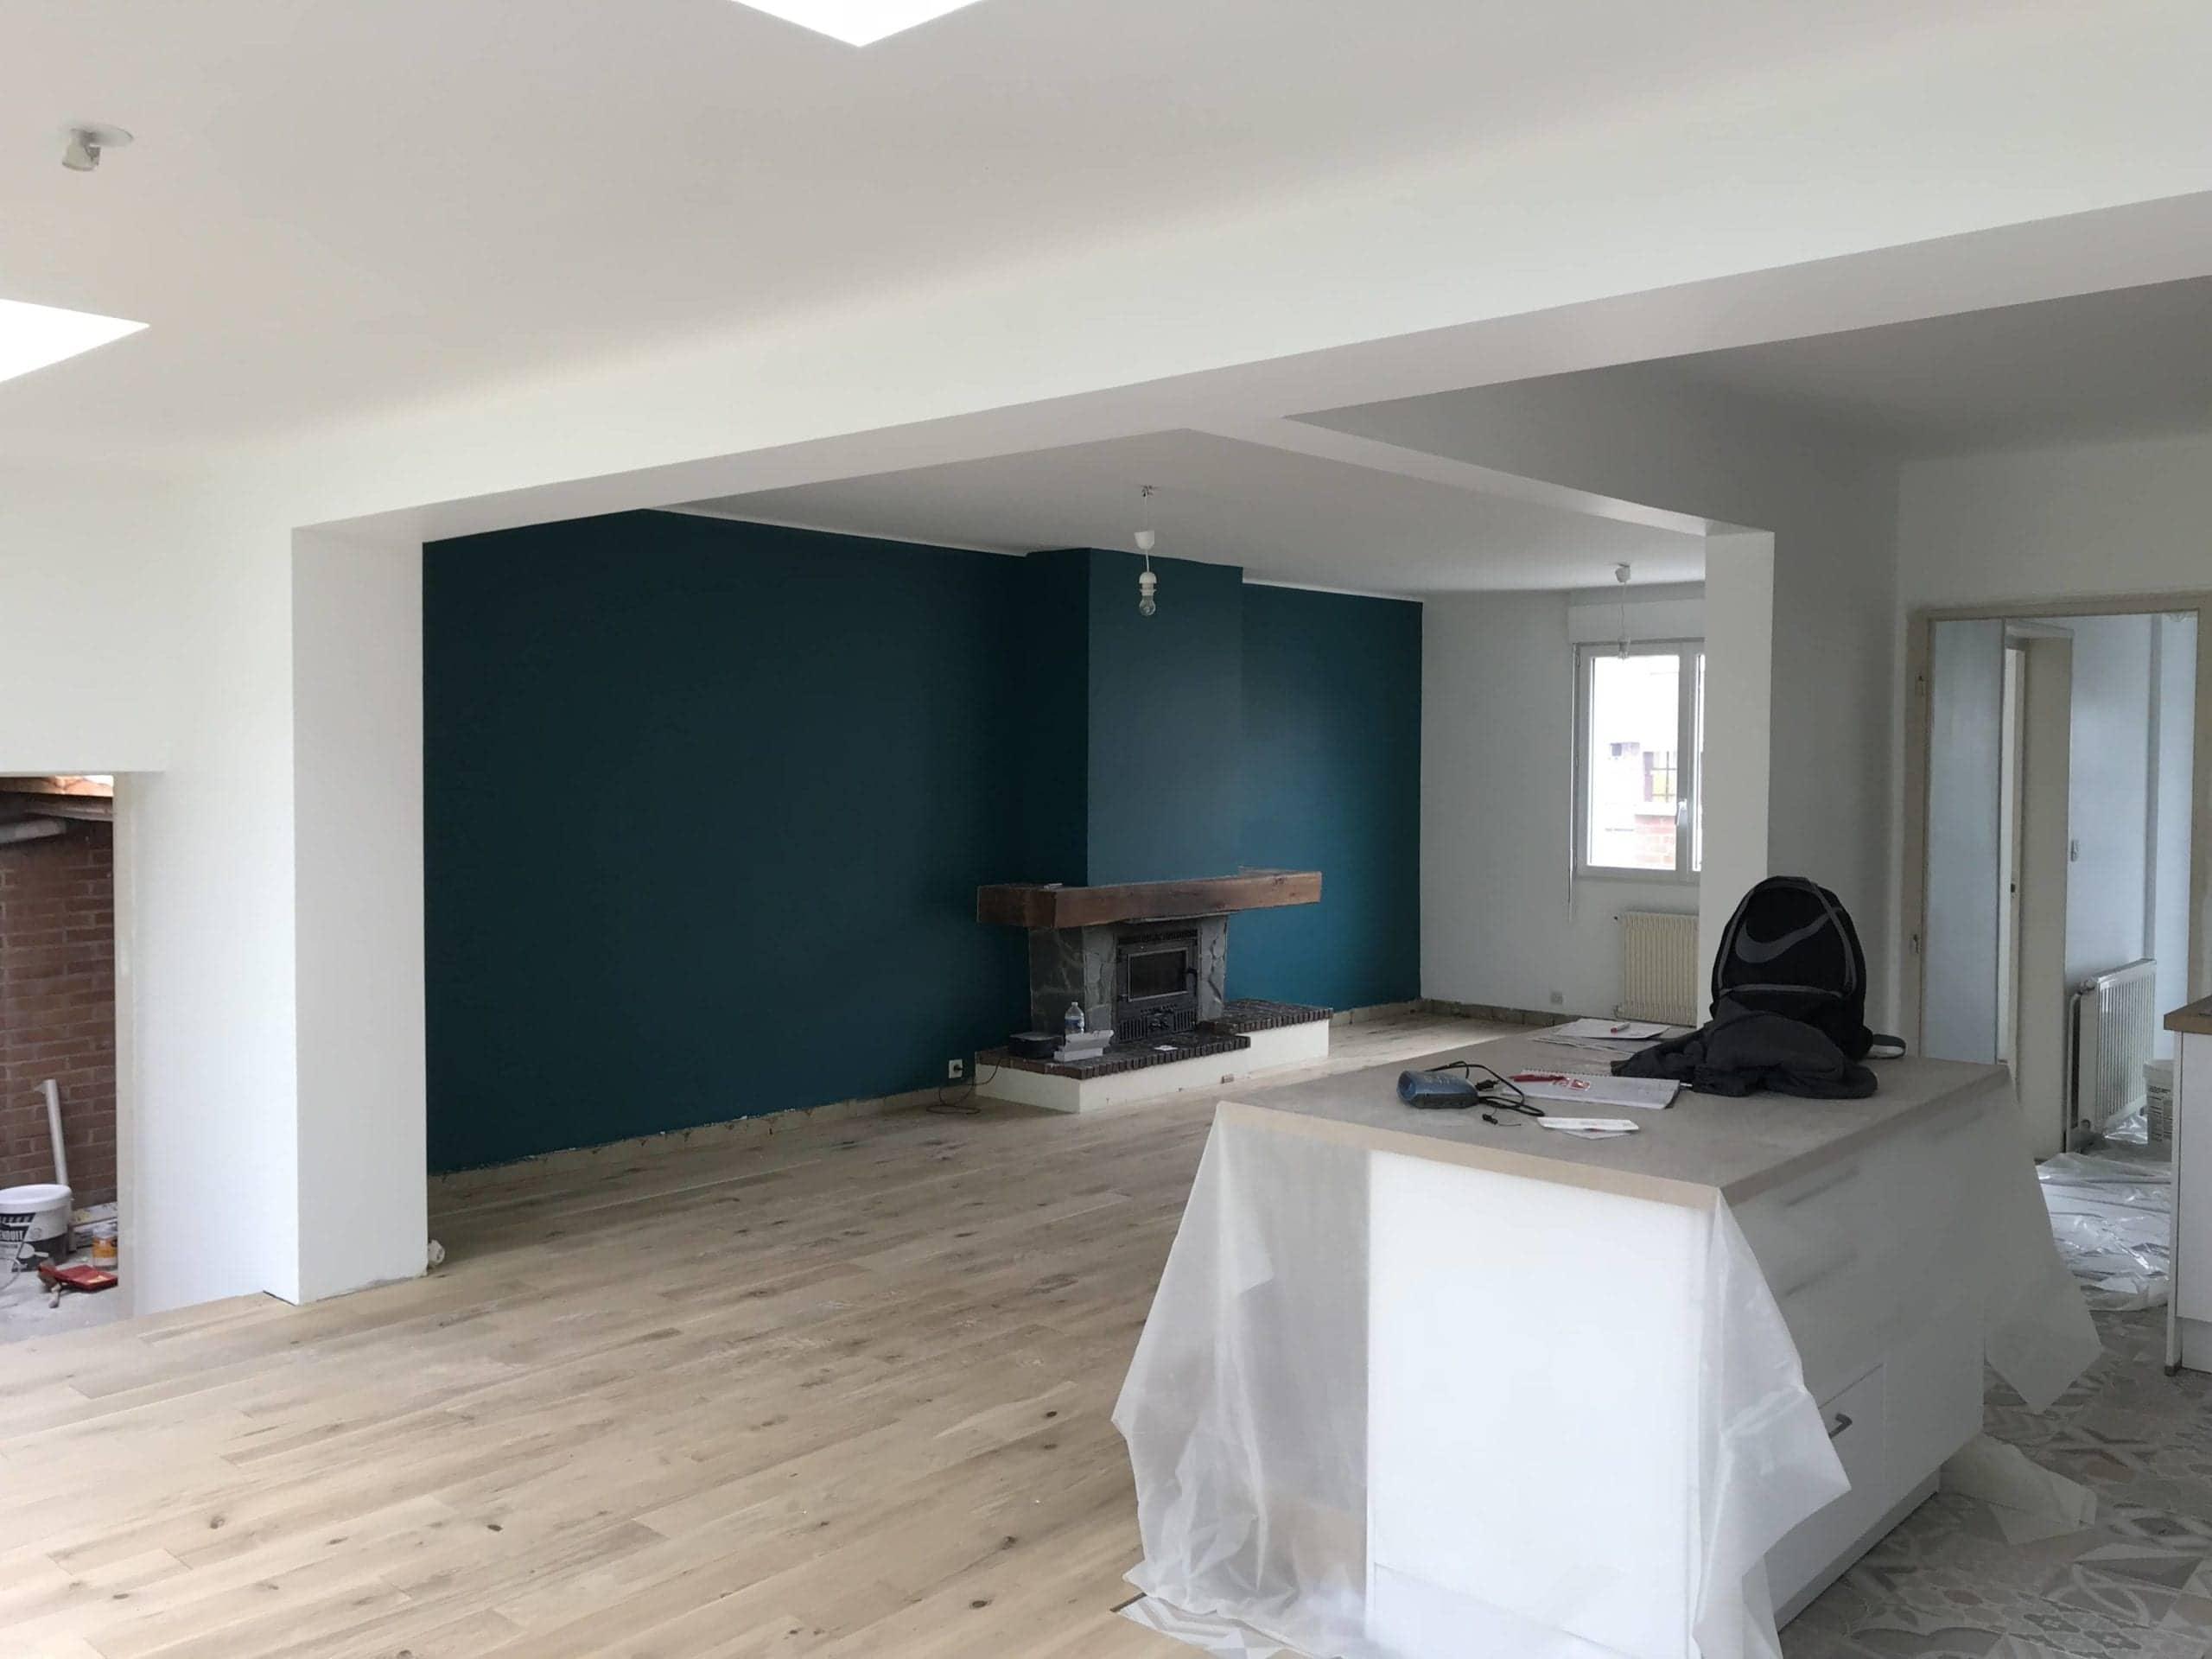 travaux-de-renovation-salon-maison-familiale-extension-marcq-en-baroeul